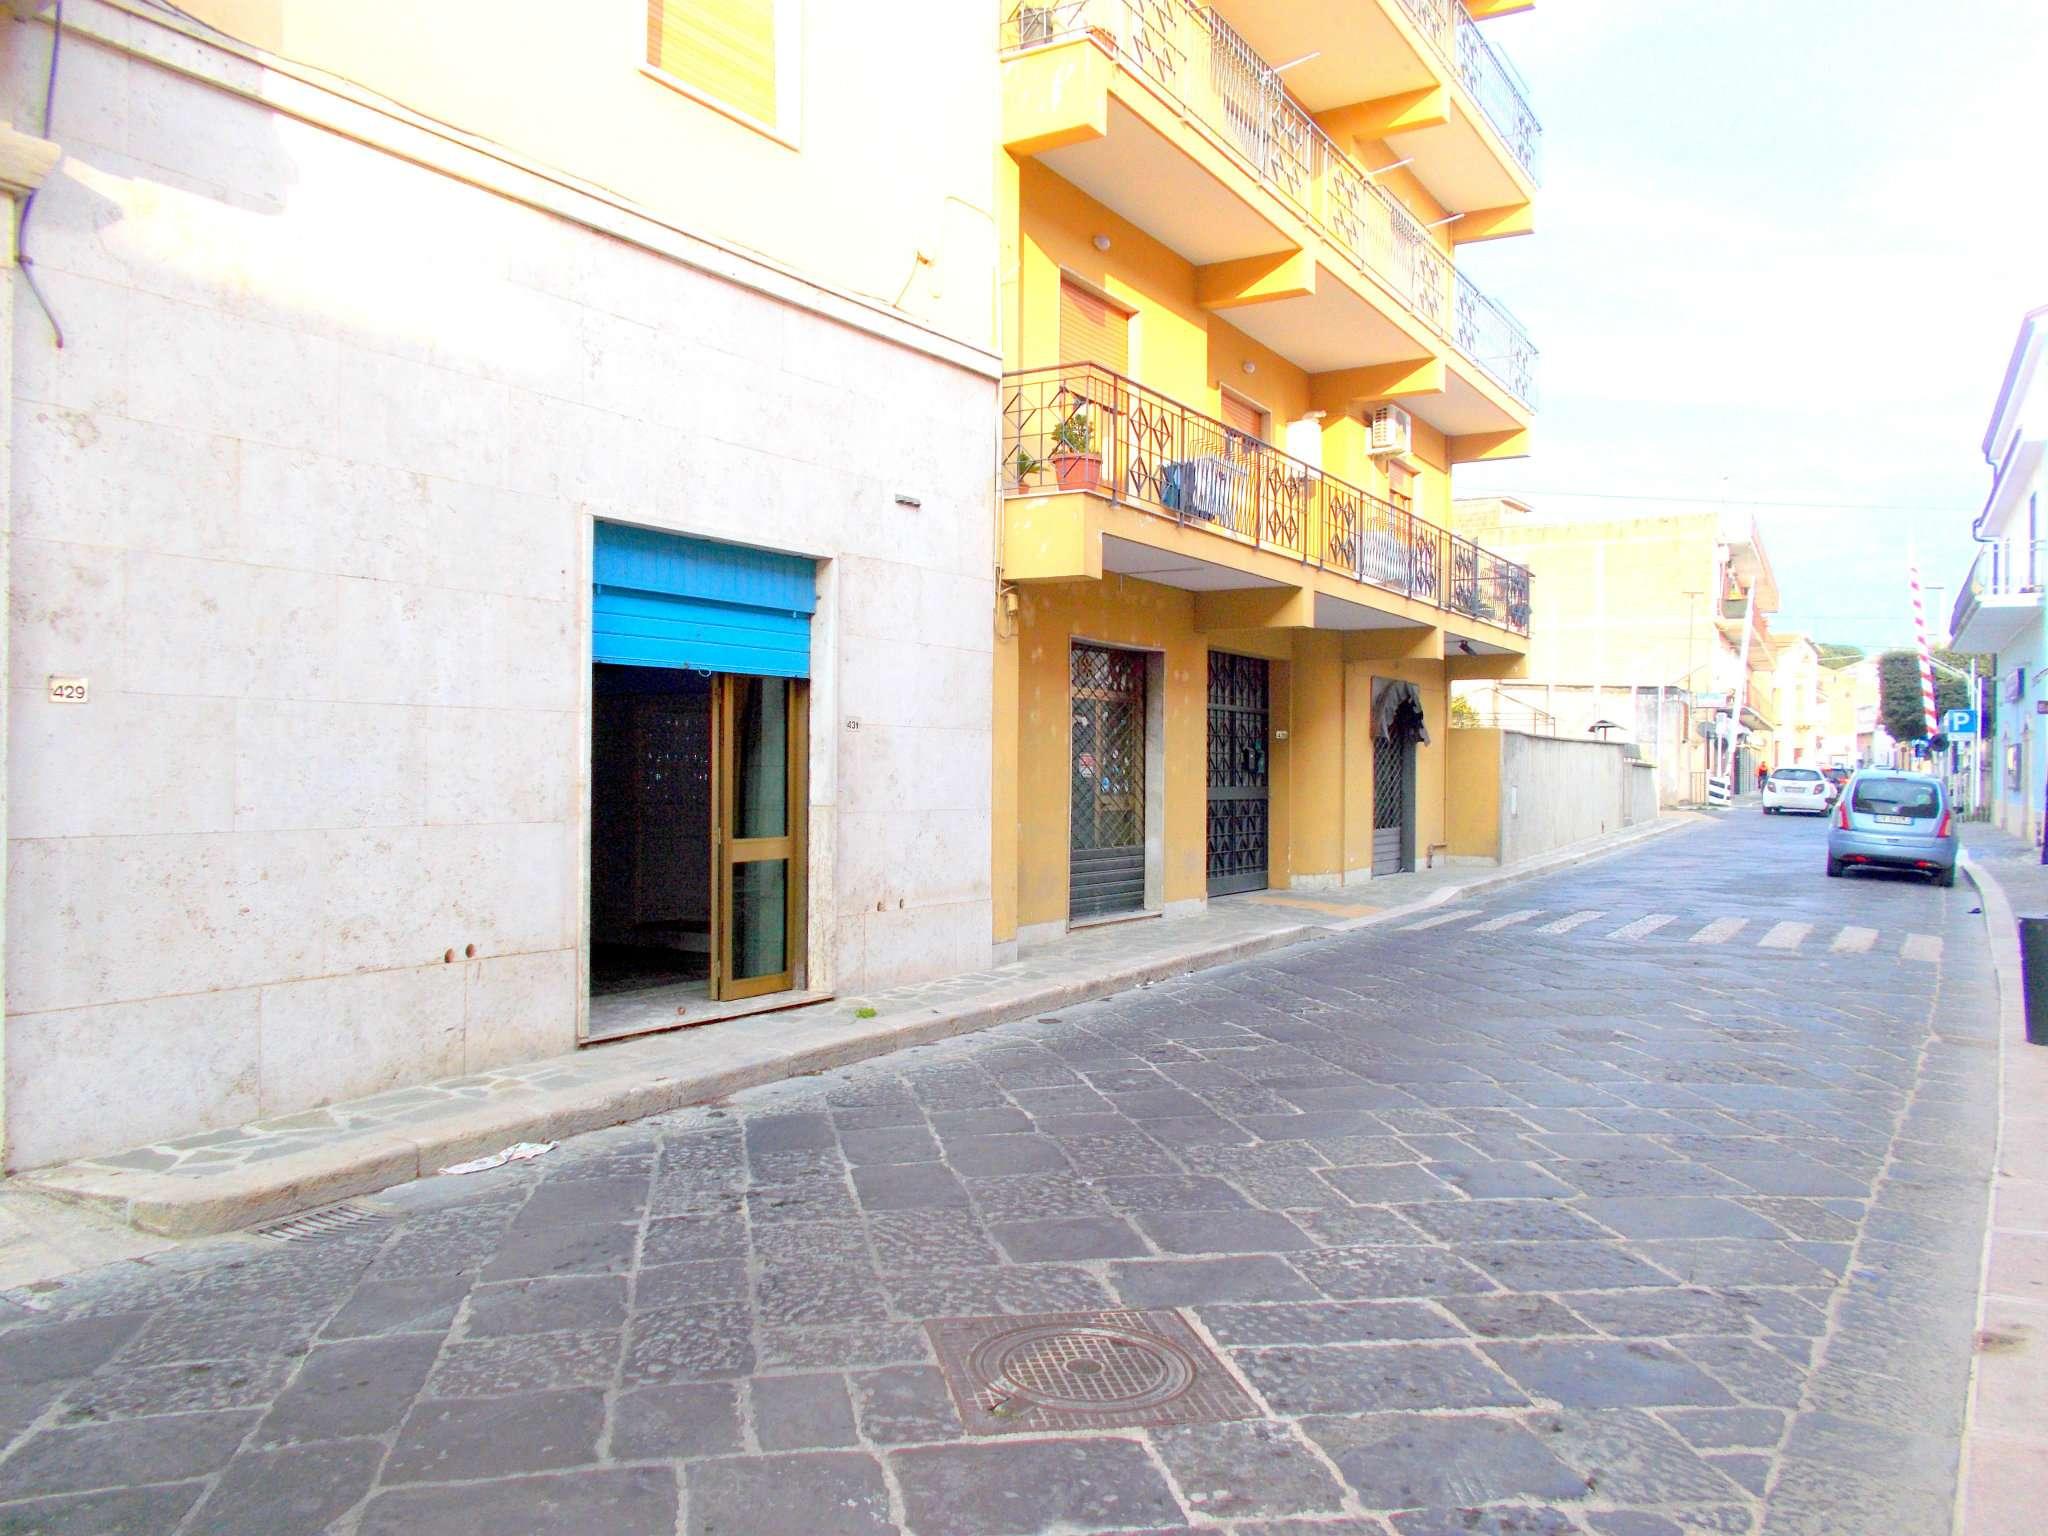 Negozio / Locale in affitto a Santa Maria a Vico, 2 locali, prezzo € 250 | CambioCasa.it